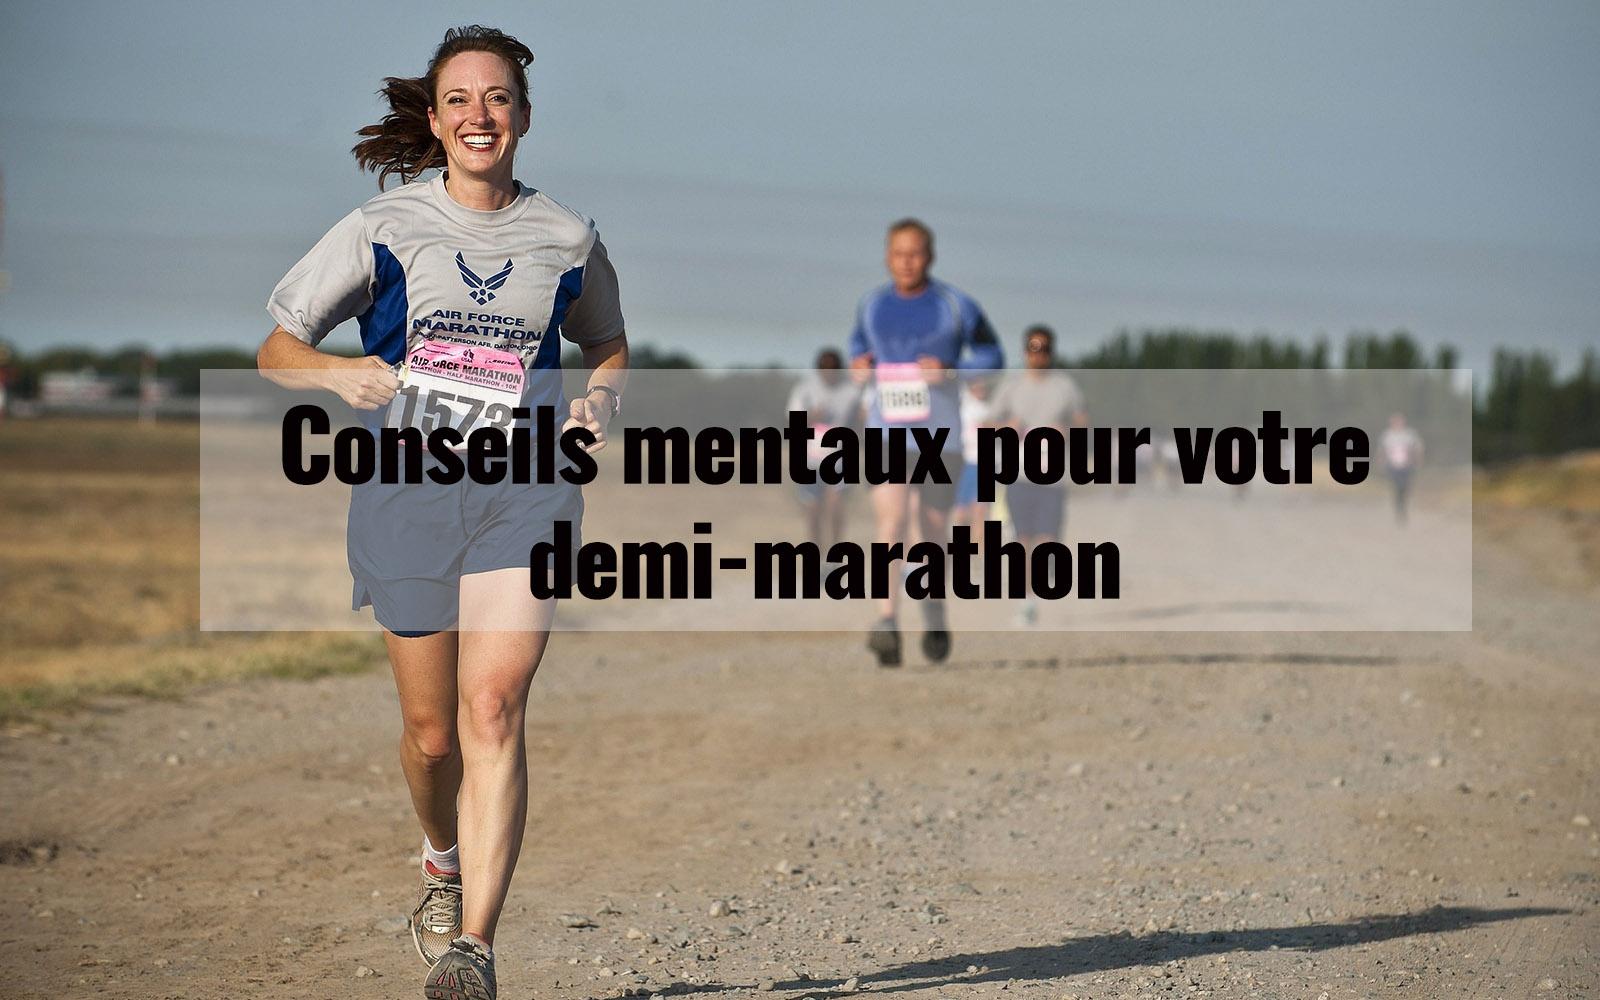 Conseils mentaux pour votre demi-marathon